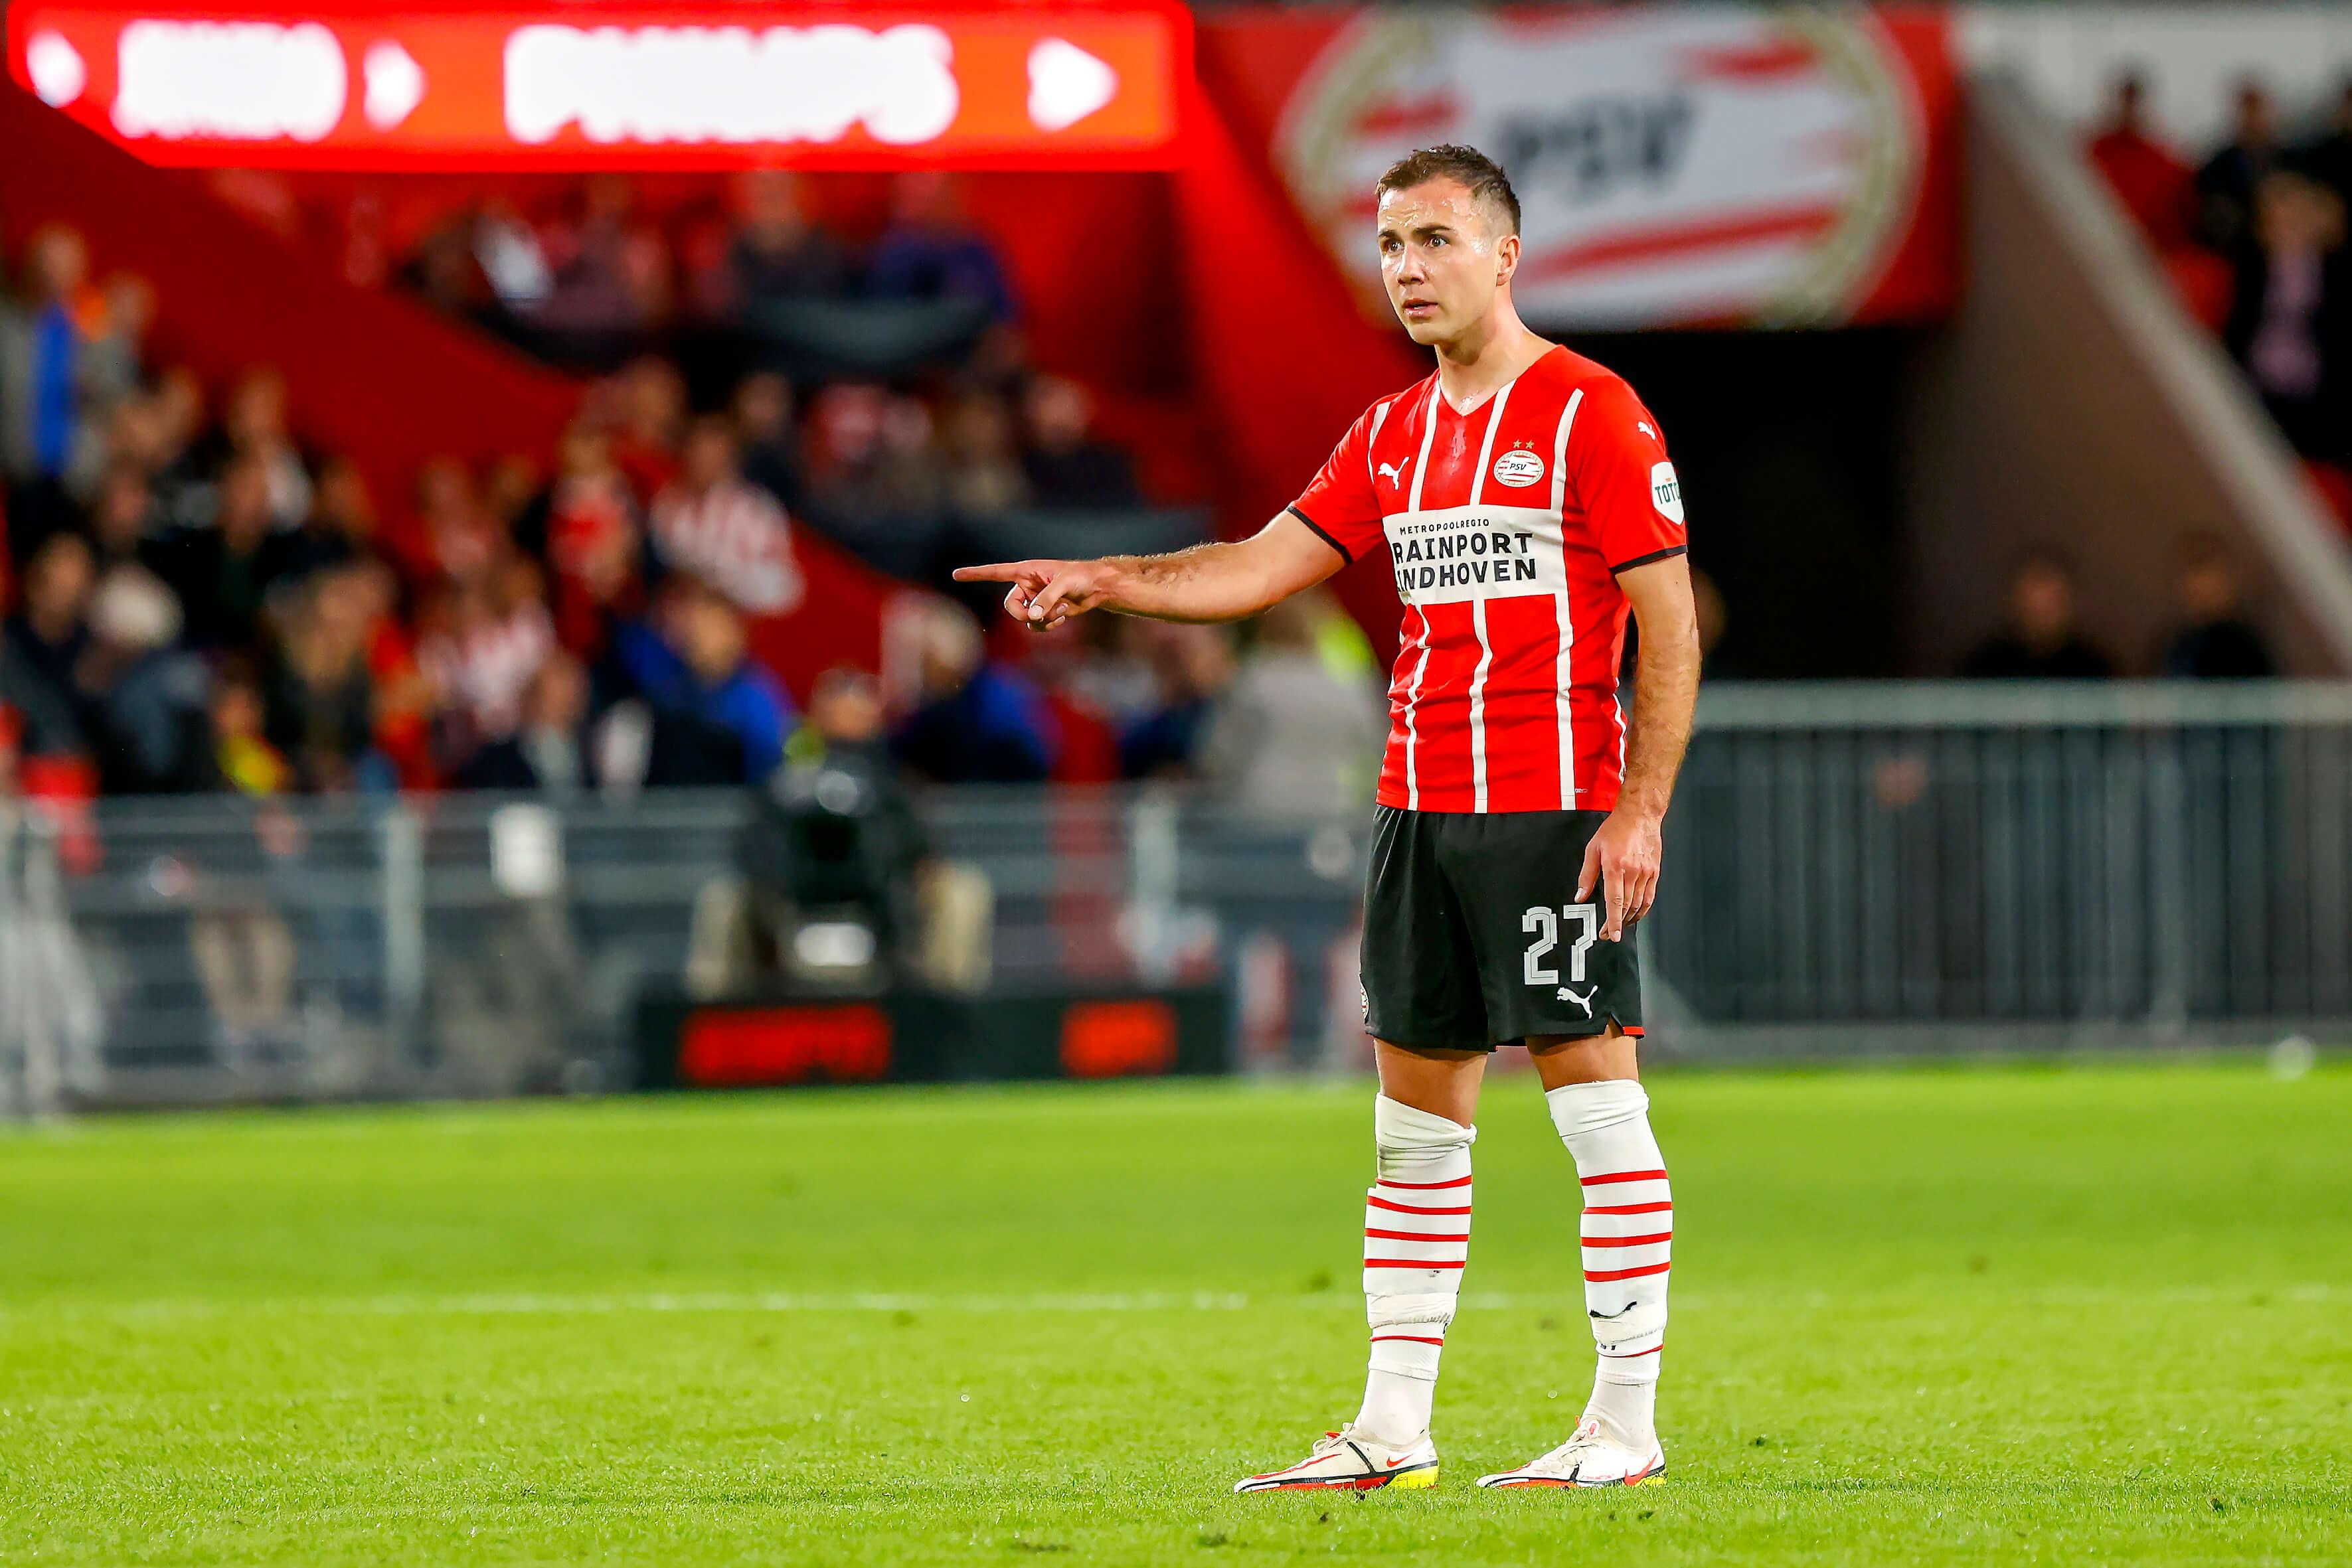 """Mario Götze: """"Mijn prestaties vertellen me dat ik het momenteel heel goed heb bij PSV""""; image source: Pro Shots"""